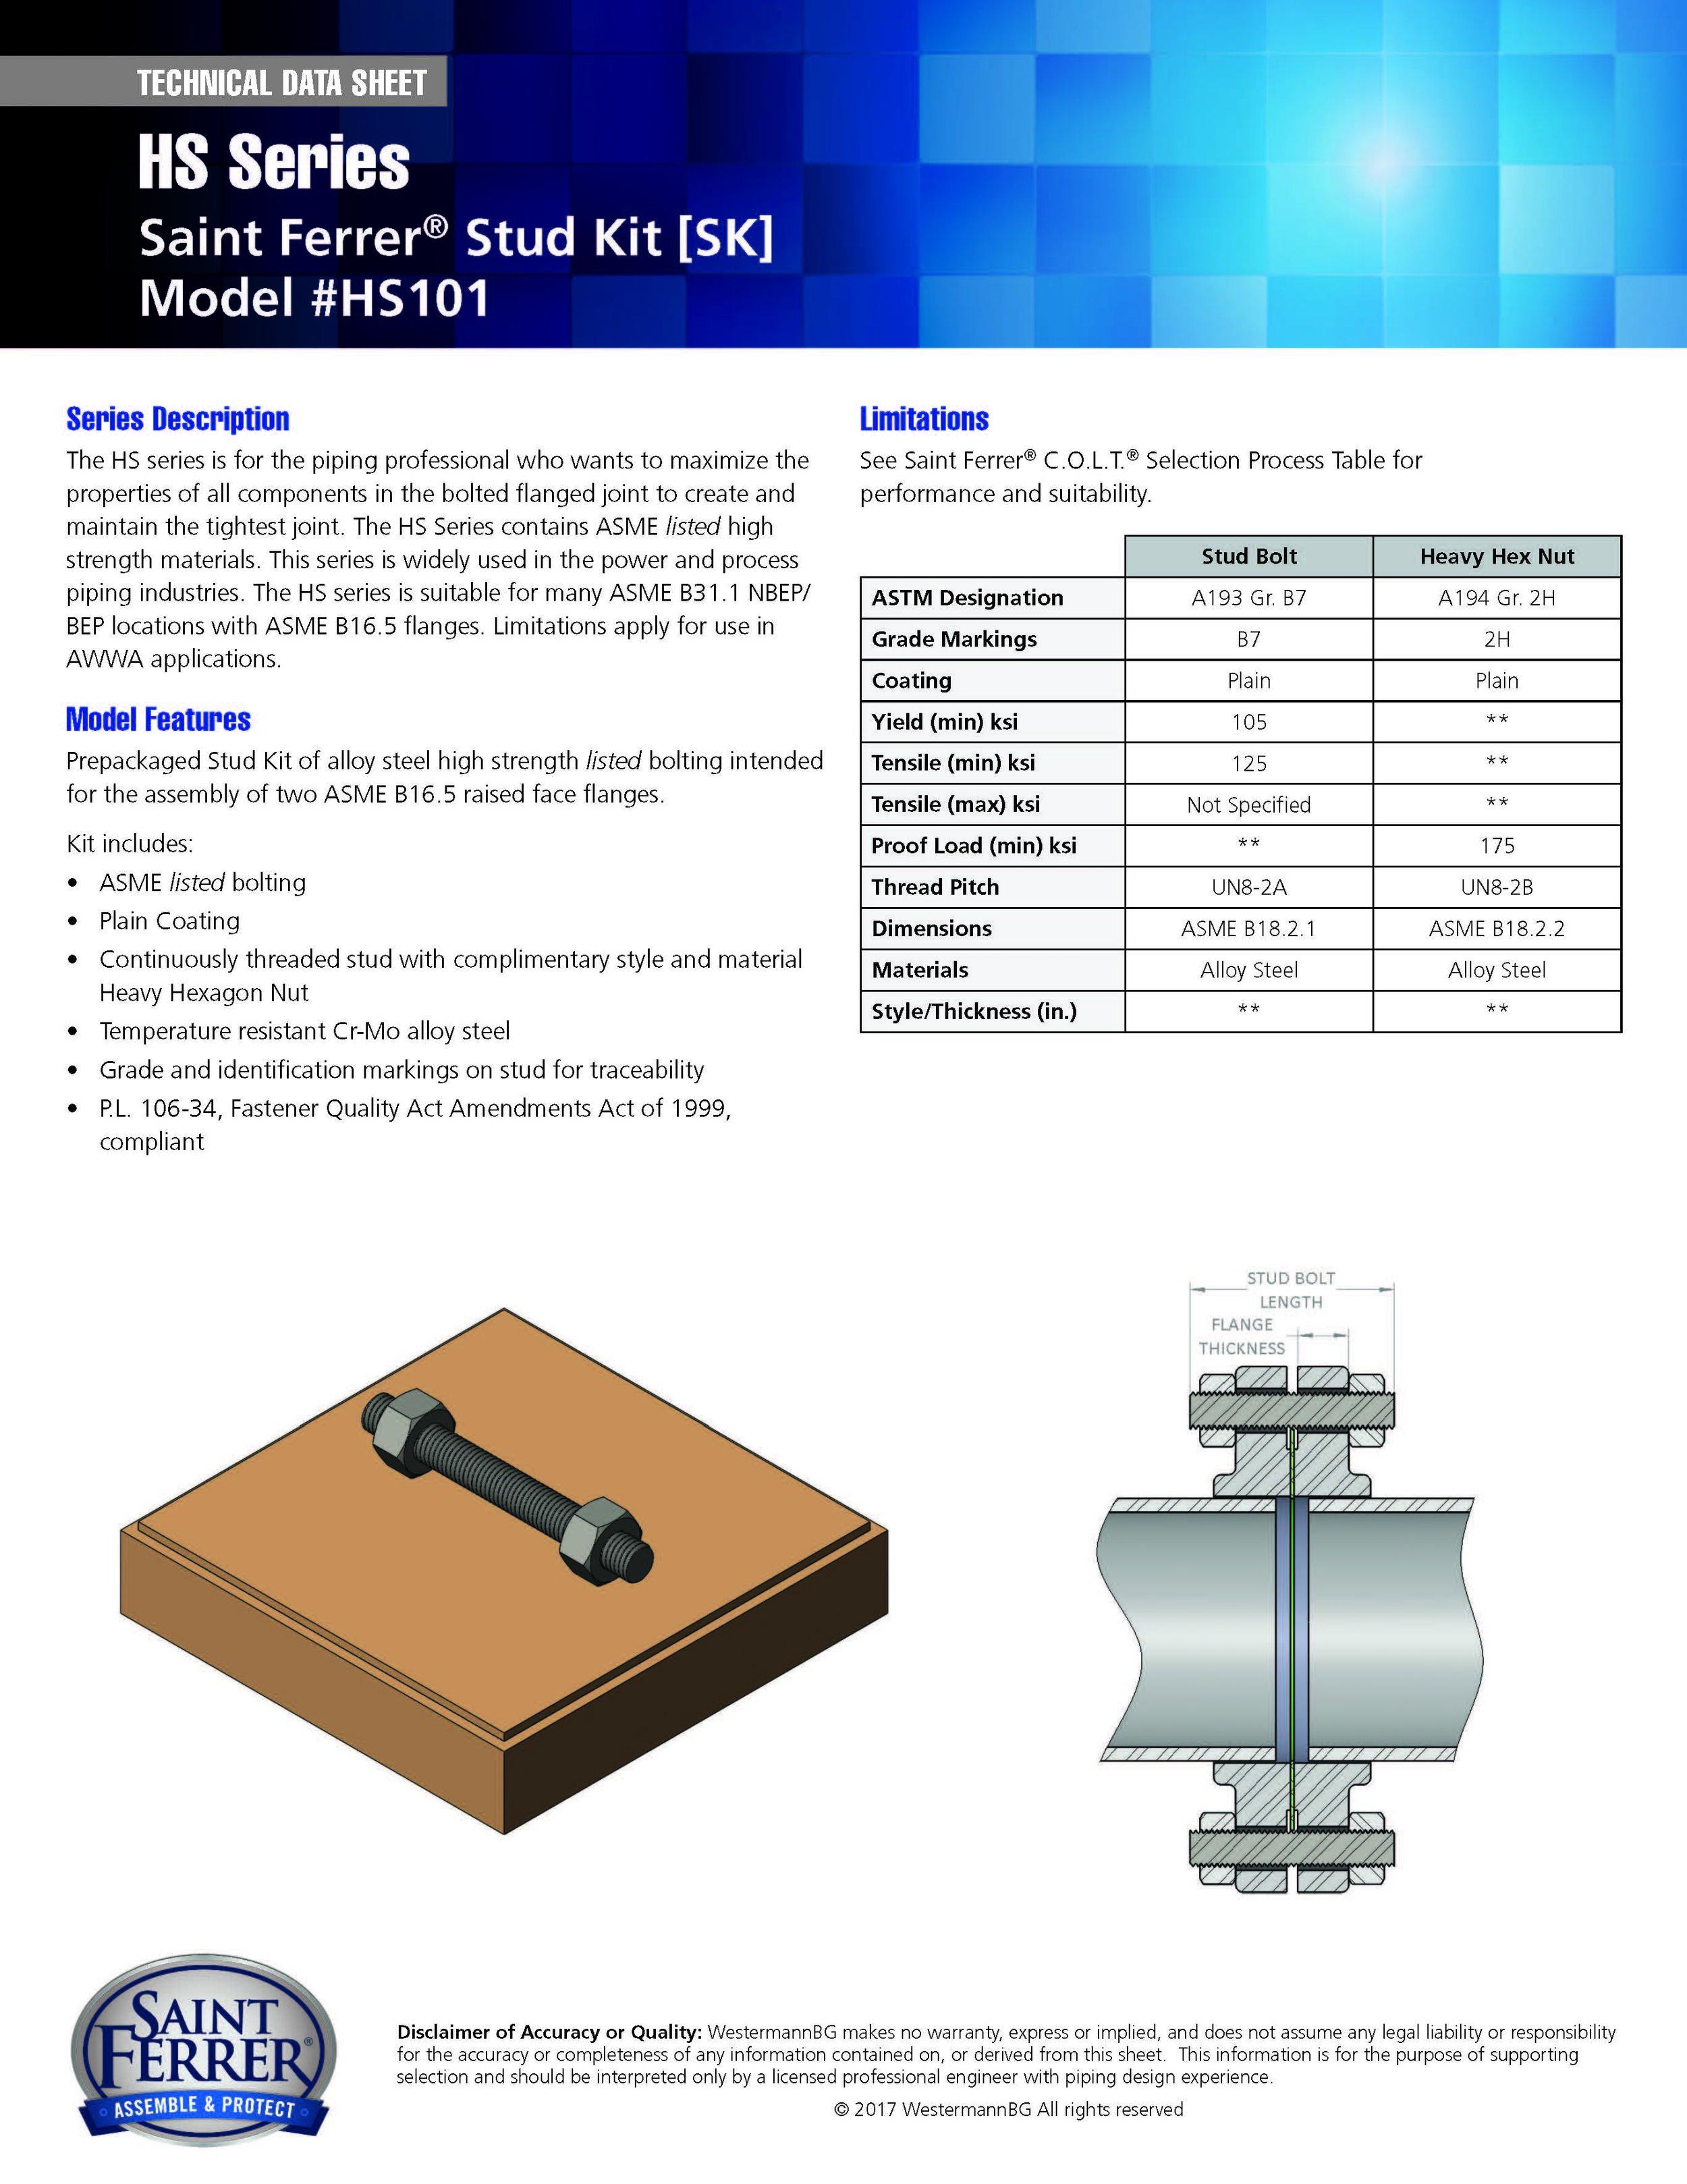 SF_Data_Sheet_HS_Series_HS101.jpg